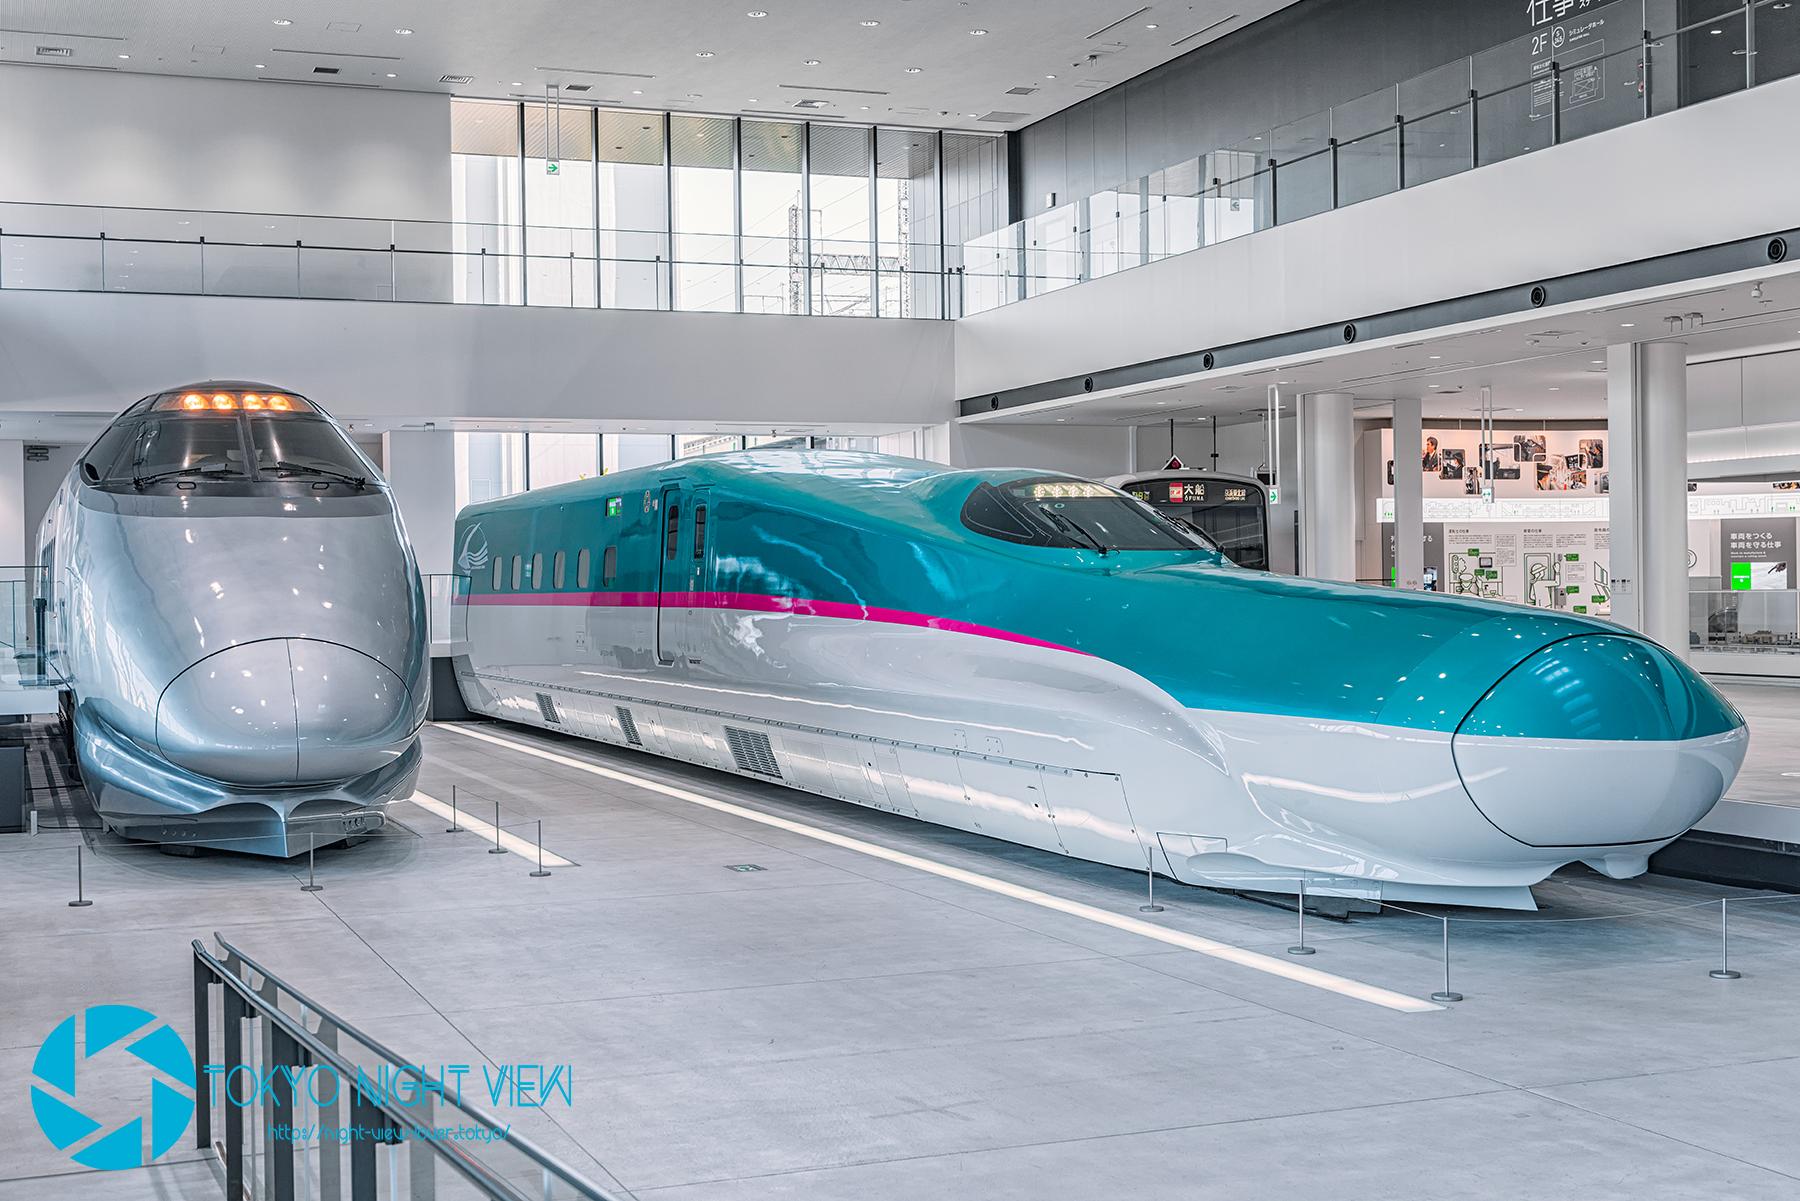 鉄道博物館 400系新幹線&E5系新幹線